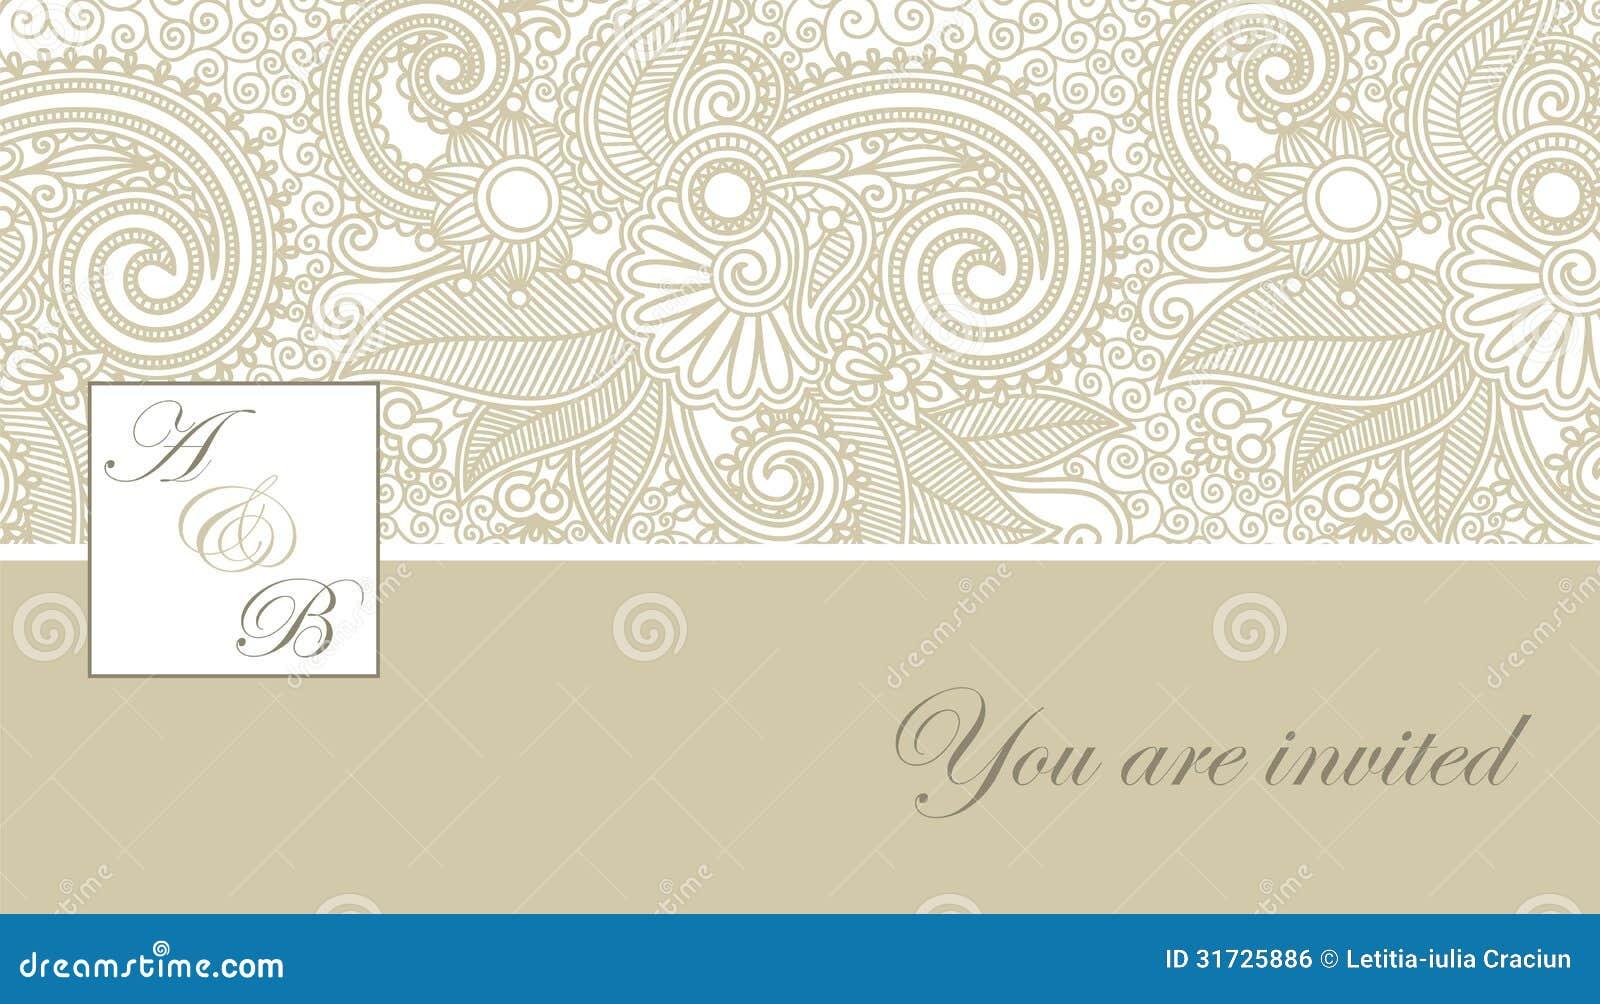 Elegante Hochzeitseinladung Lizenzfreies Stockbild - Bild: 31725886